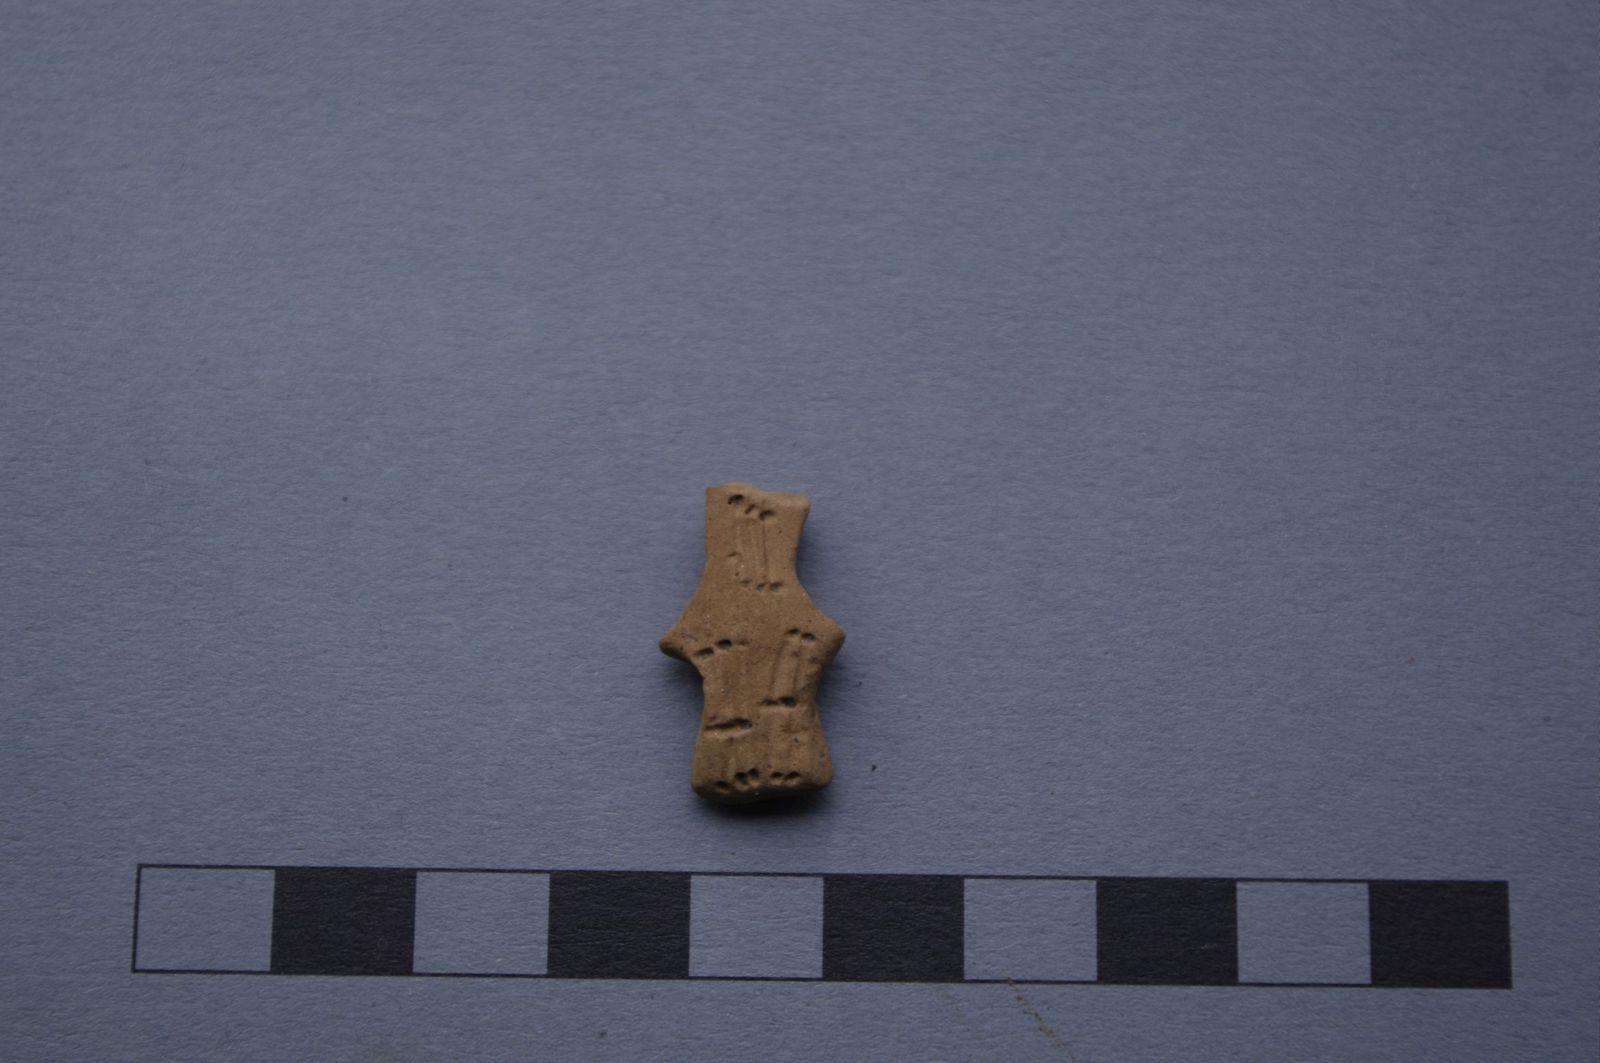 Ein anhtropomorphes, also menschengestaltiges Idol. Foto: Bernhard S. Heeb